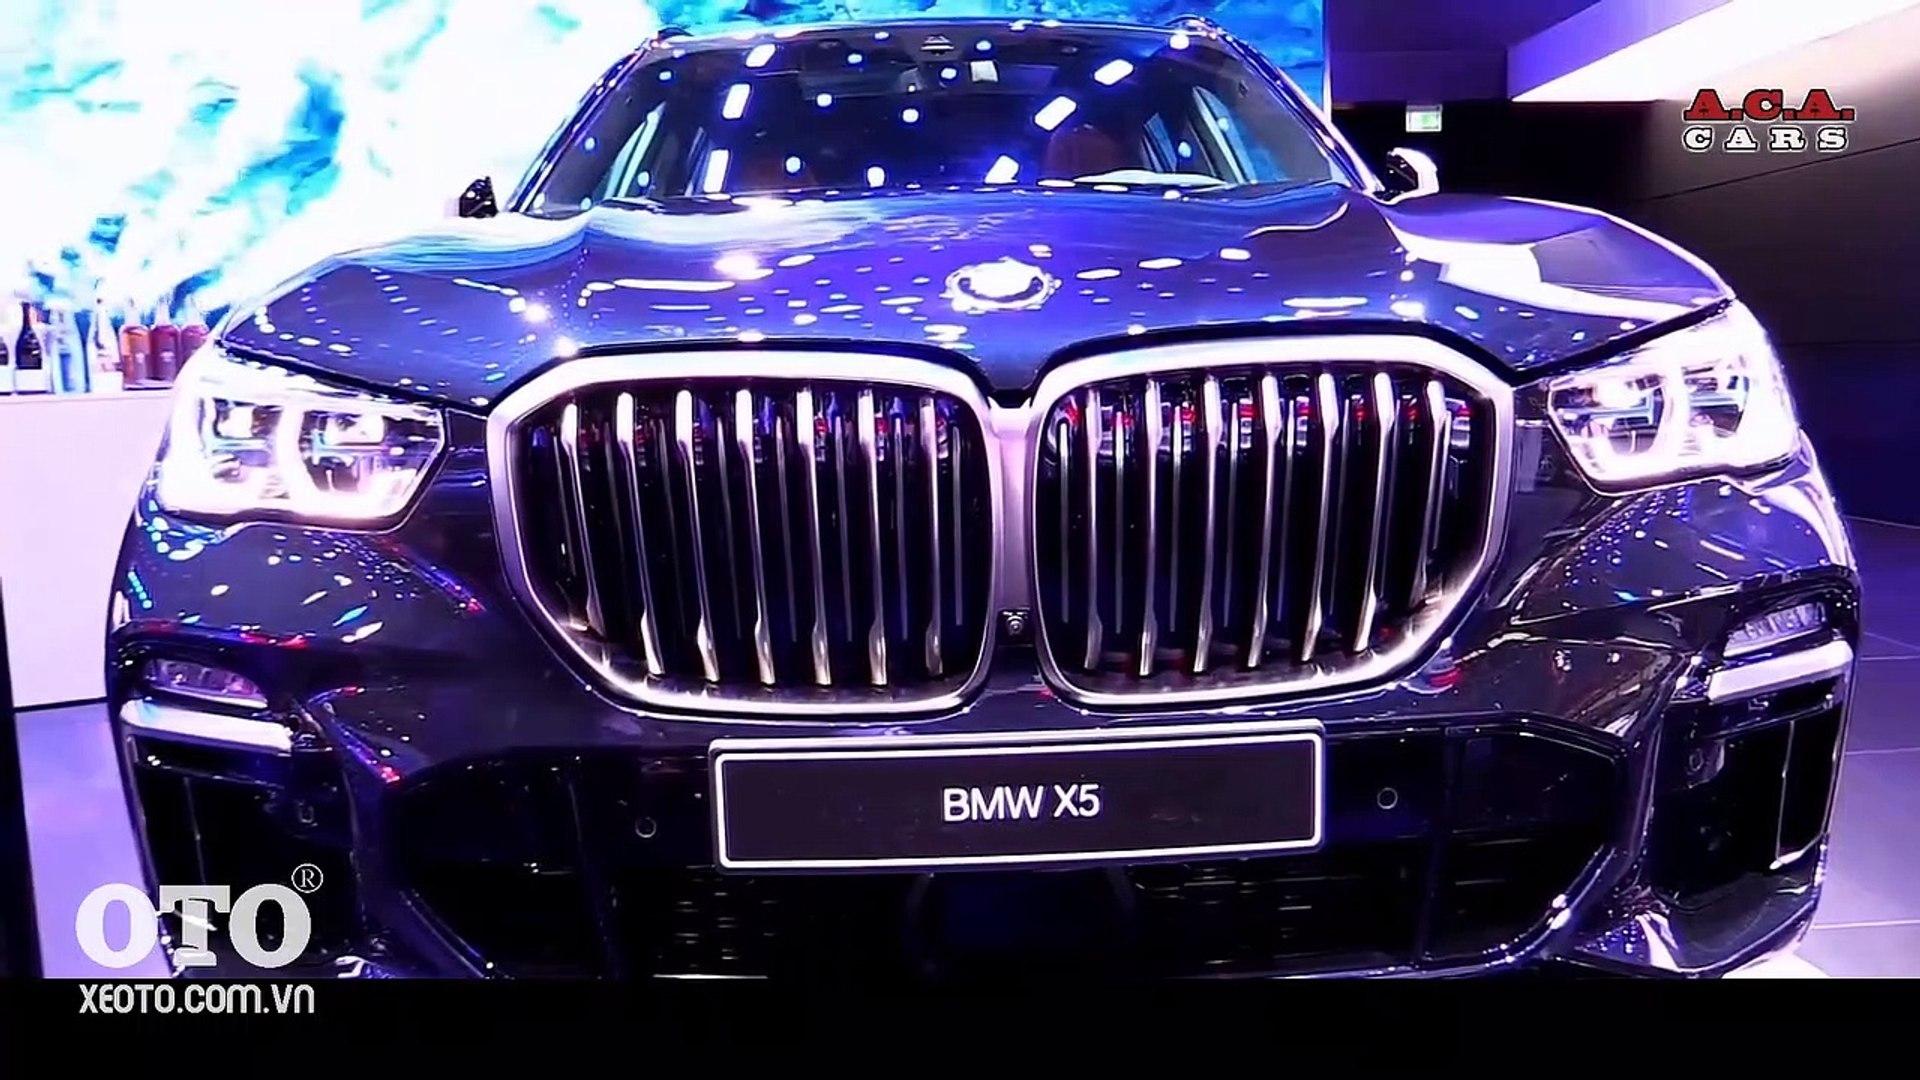 GIÁ XE BMW X5 2020 XDRIVE SUPER SPORT | HÌNH ẢNH NỘI NGOẠI THẤT